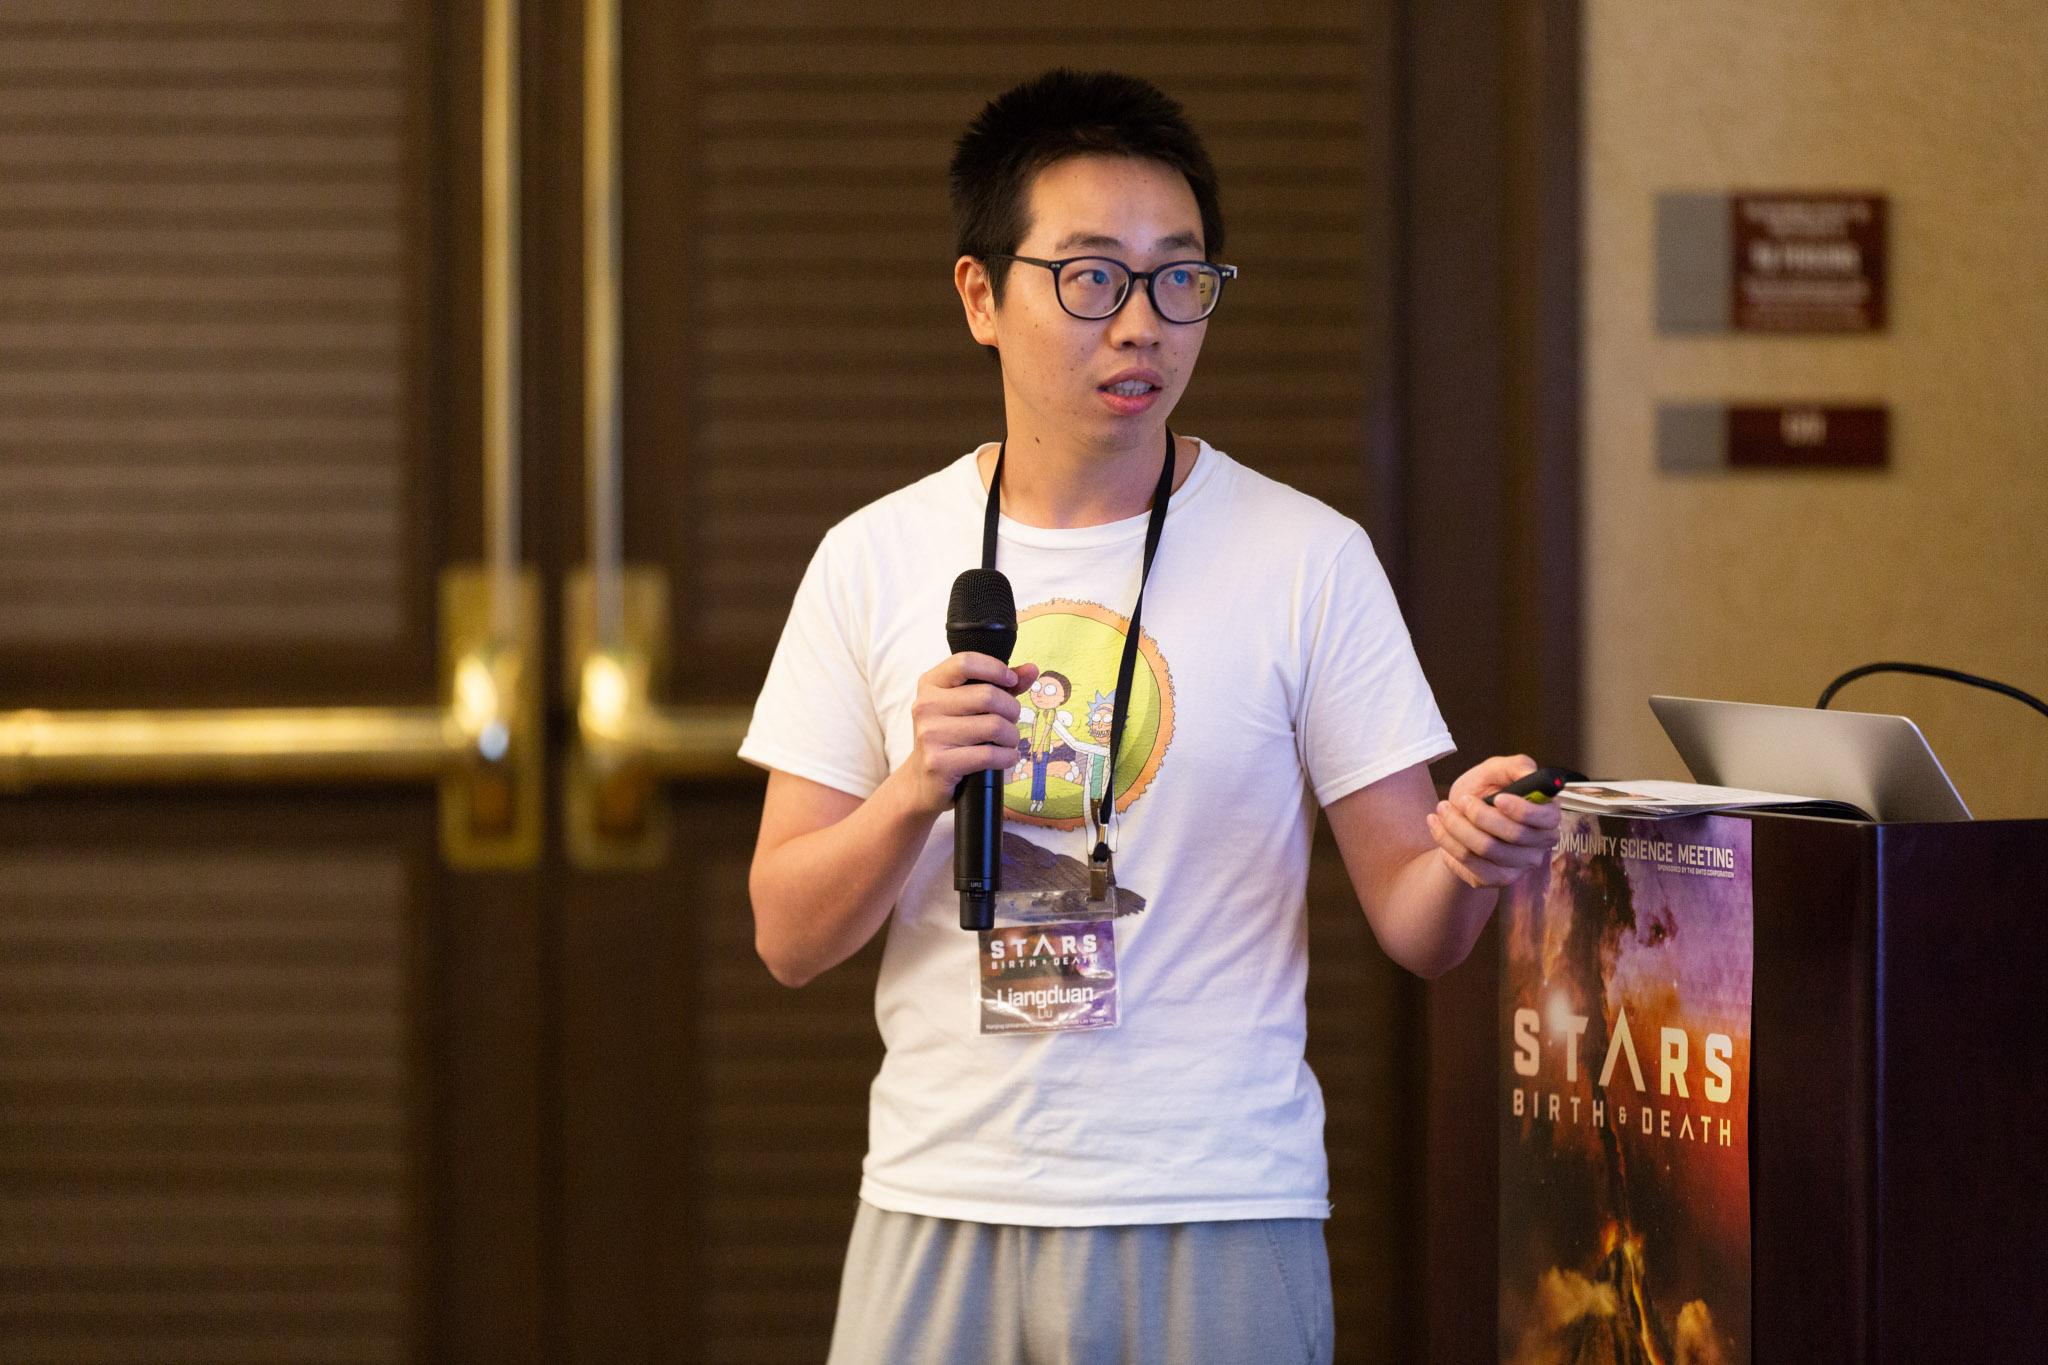 Liangduan Liu_N2A7224.jpg